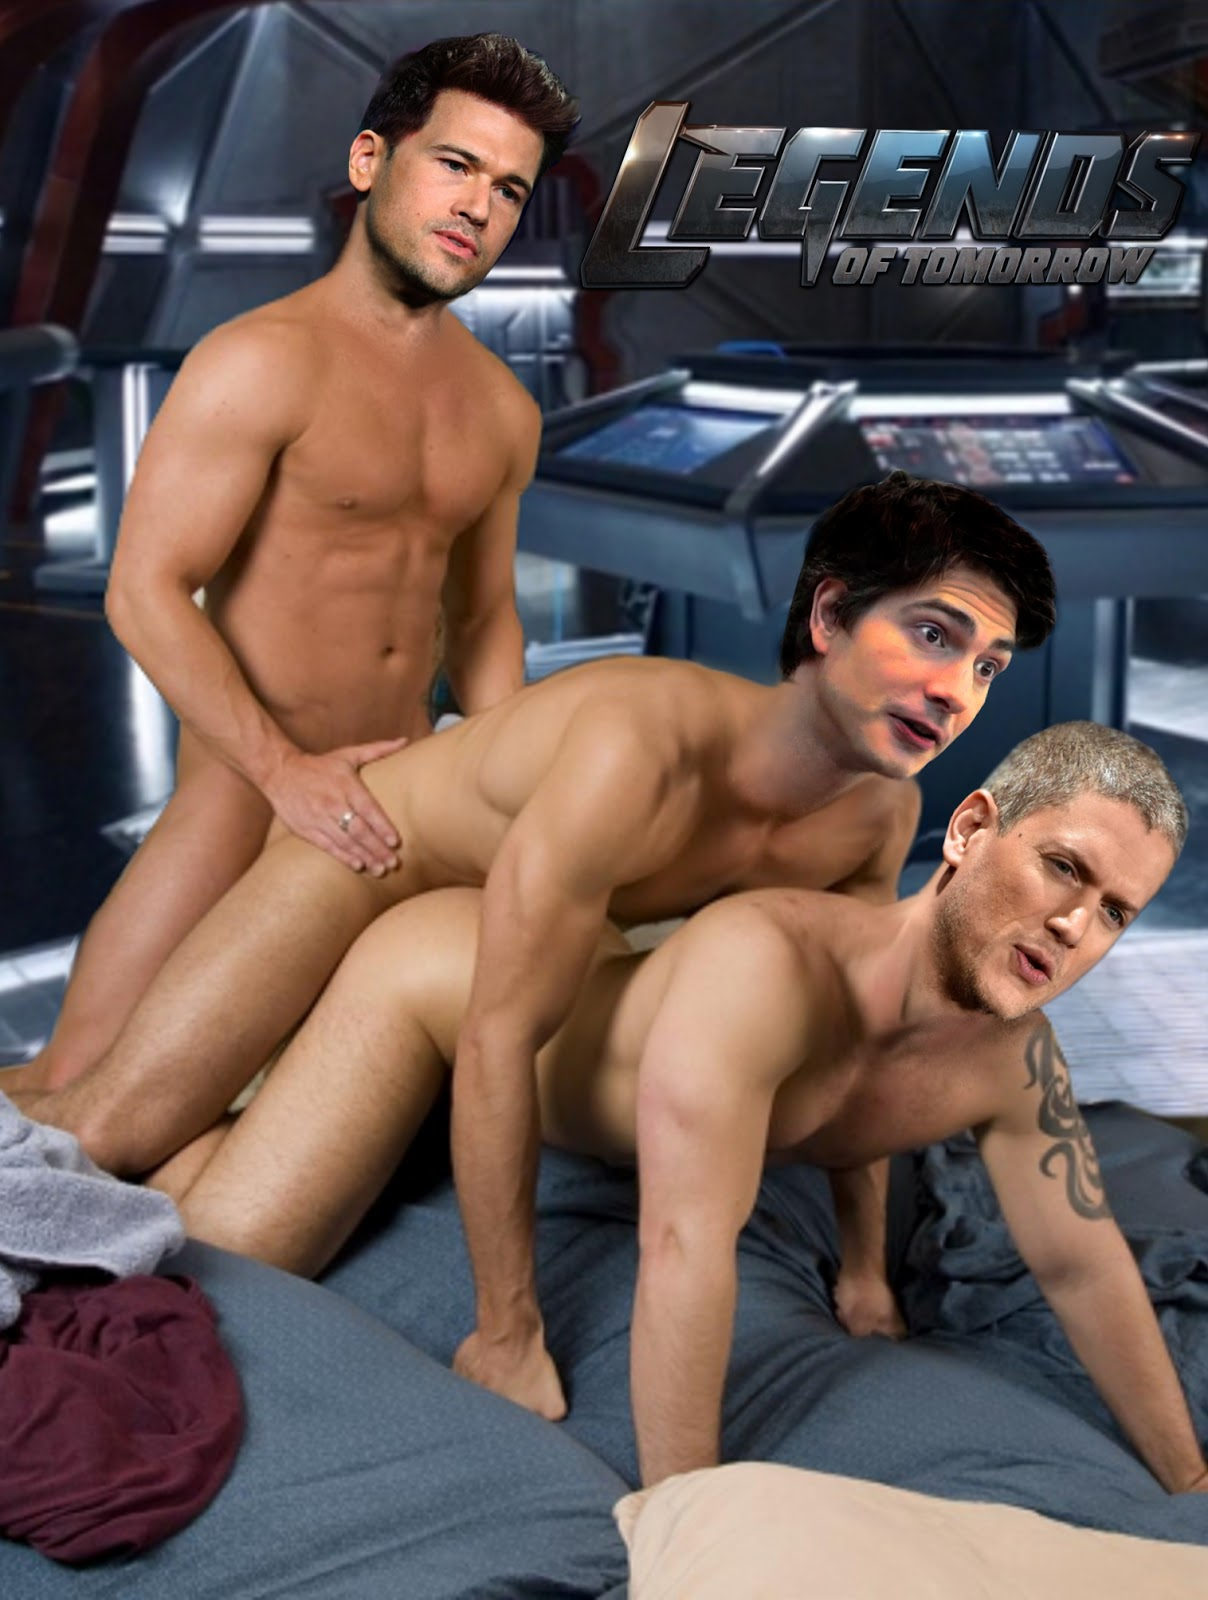 Wentworth miller porn scene